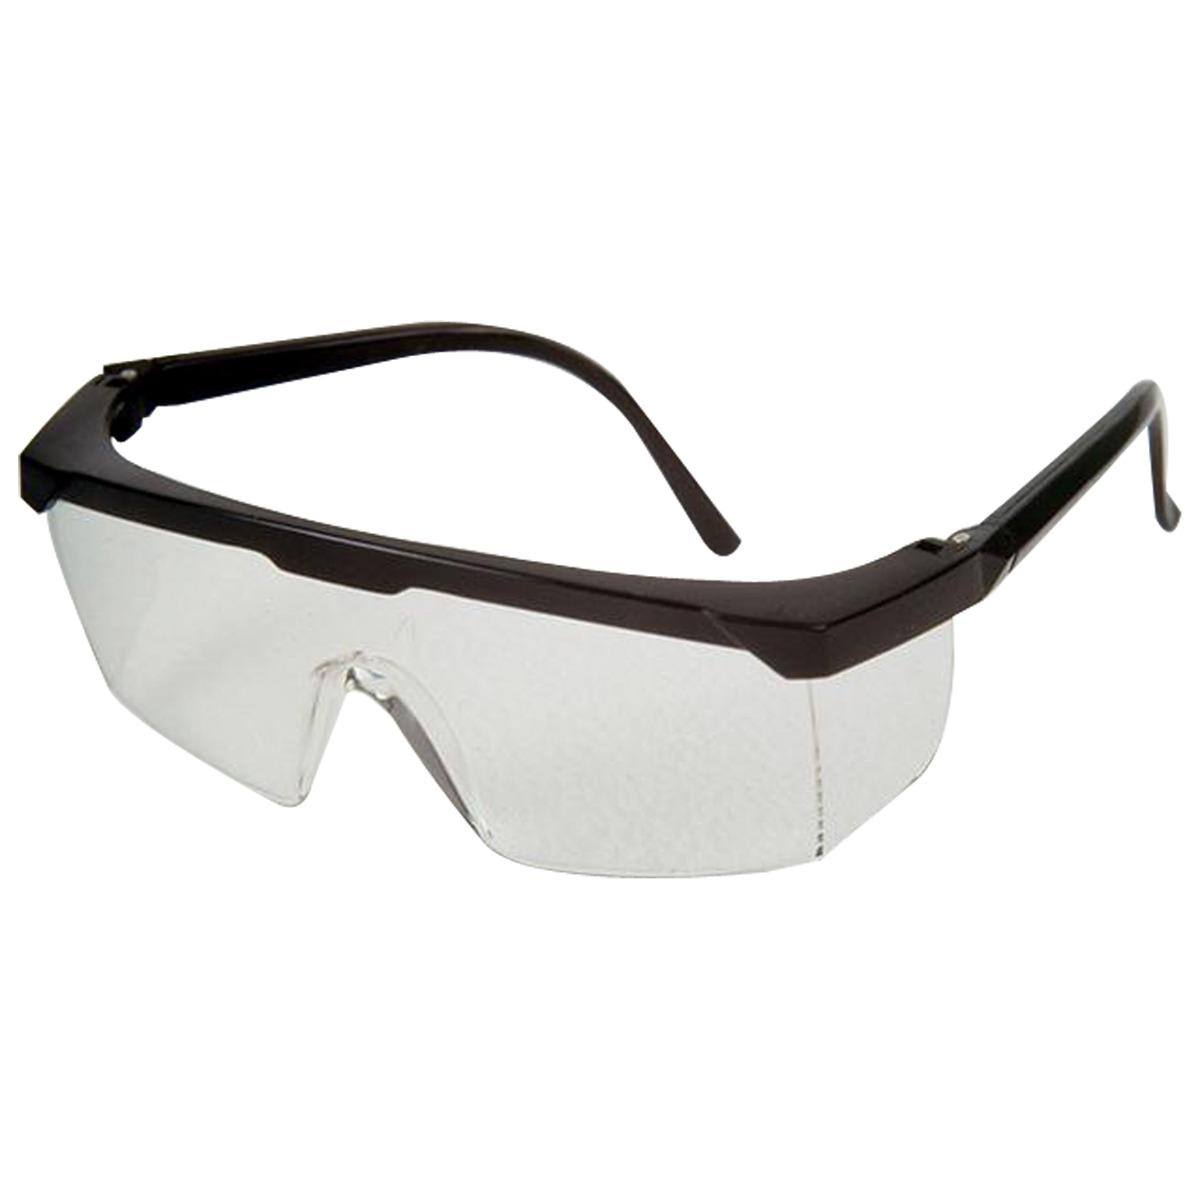 Oculos Protecao Jaguar Incolor Kalipso - R  21,80 em Mercado Livre 04fd639fe2